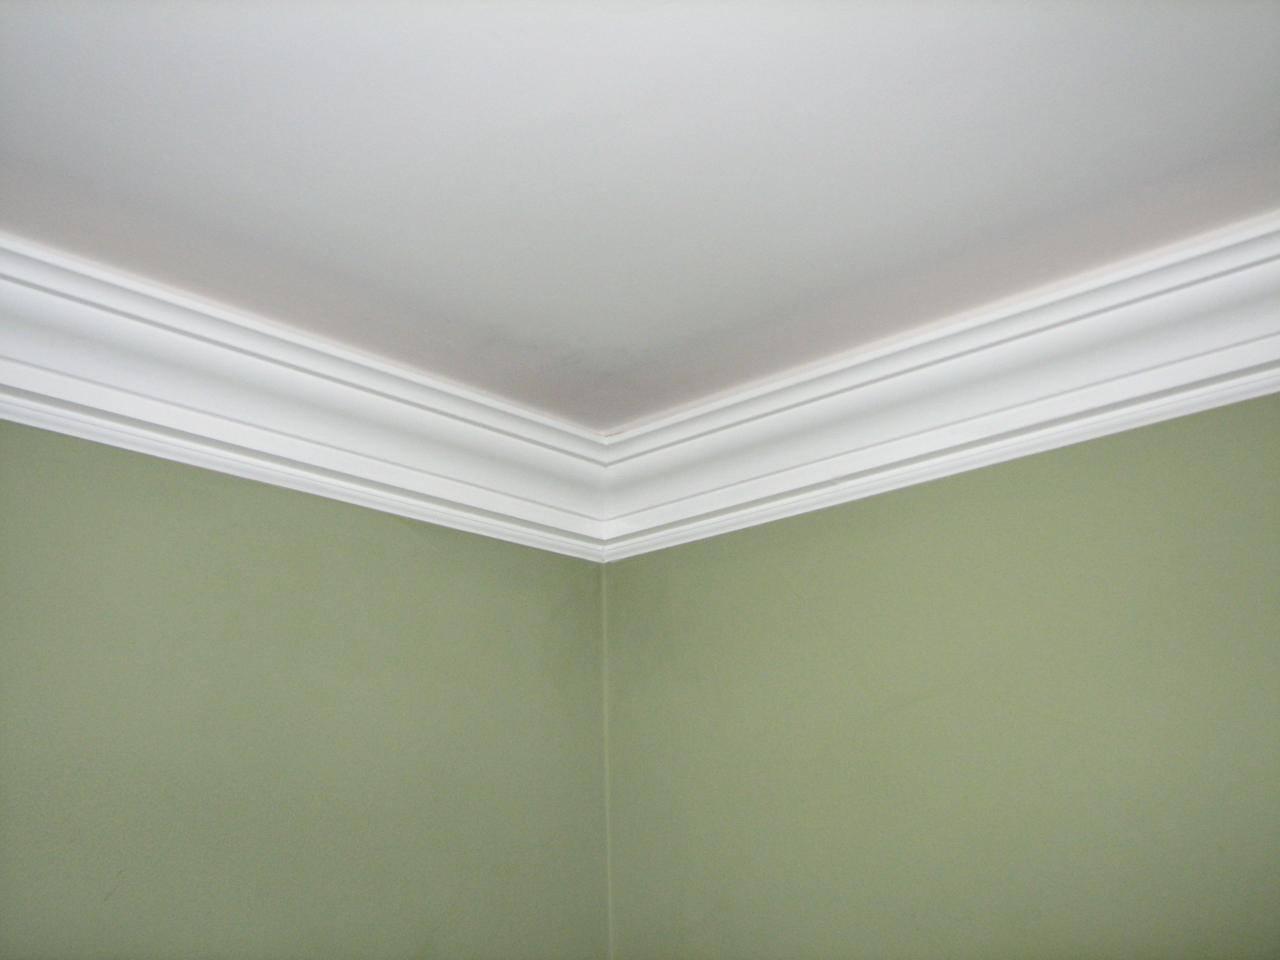 полный рост фото комнат без молдингов с натяжными потолками древности